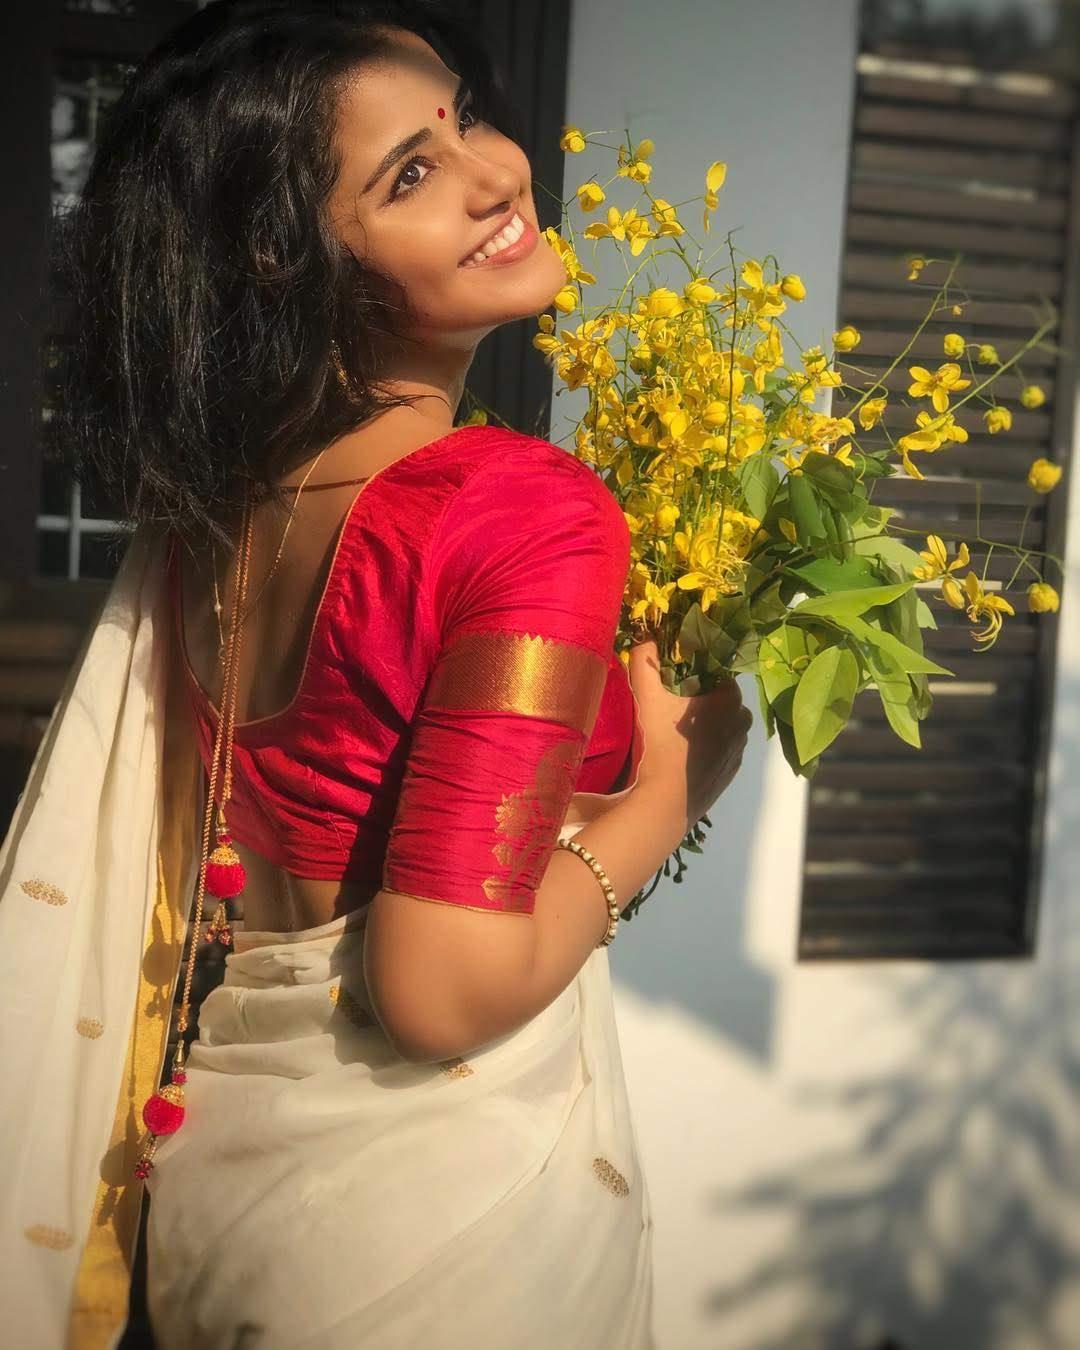 anupama_parameswaran_150